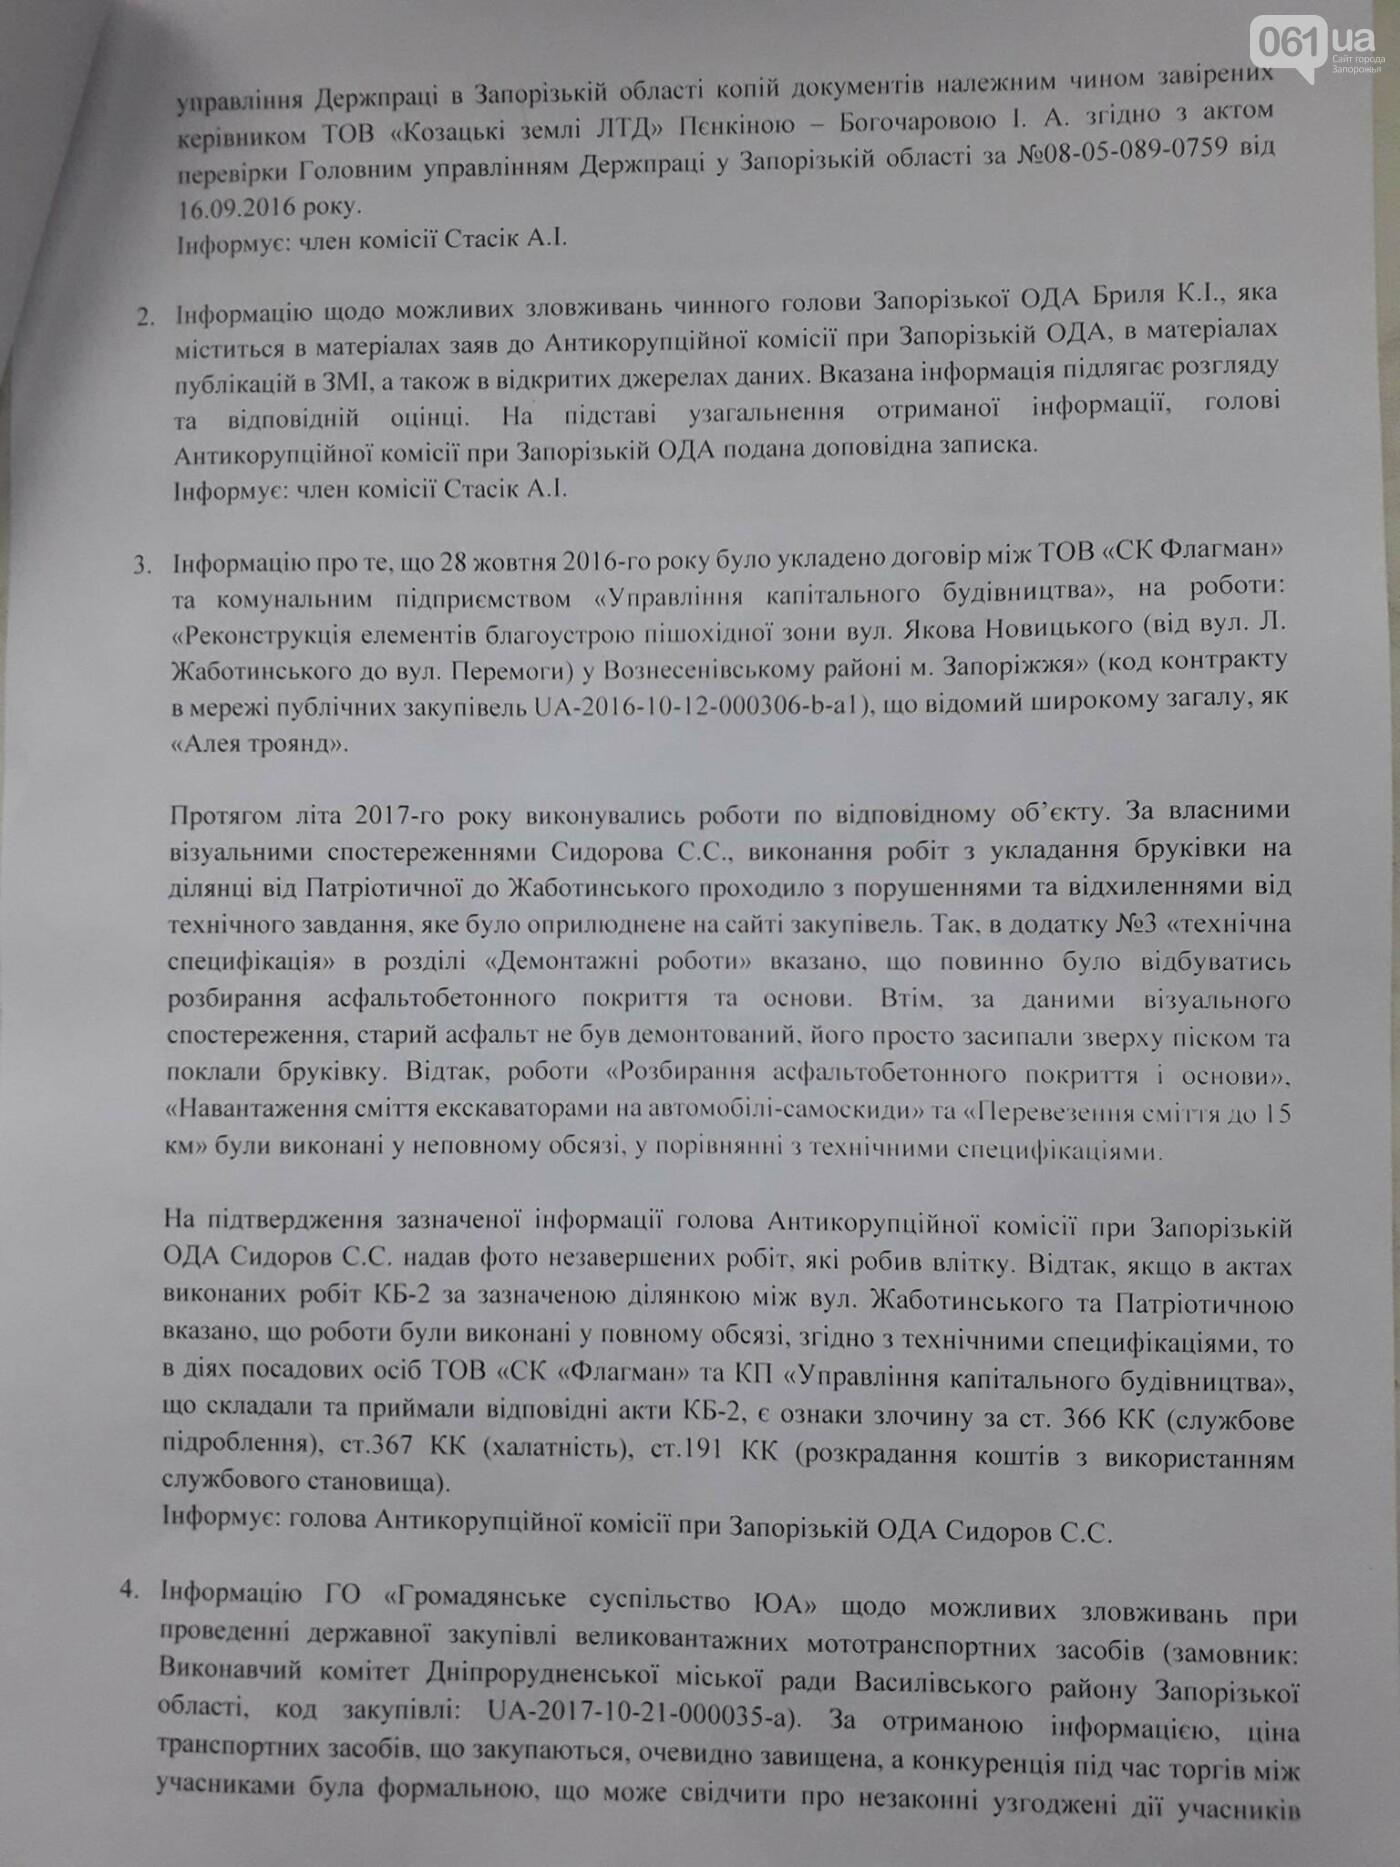 Запорожский губернатор распустил Антикоррупционную комиссию, которая попросила прокуратуру его проверить, фото-3